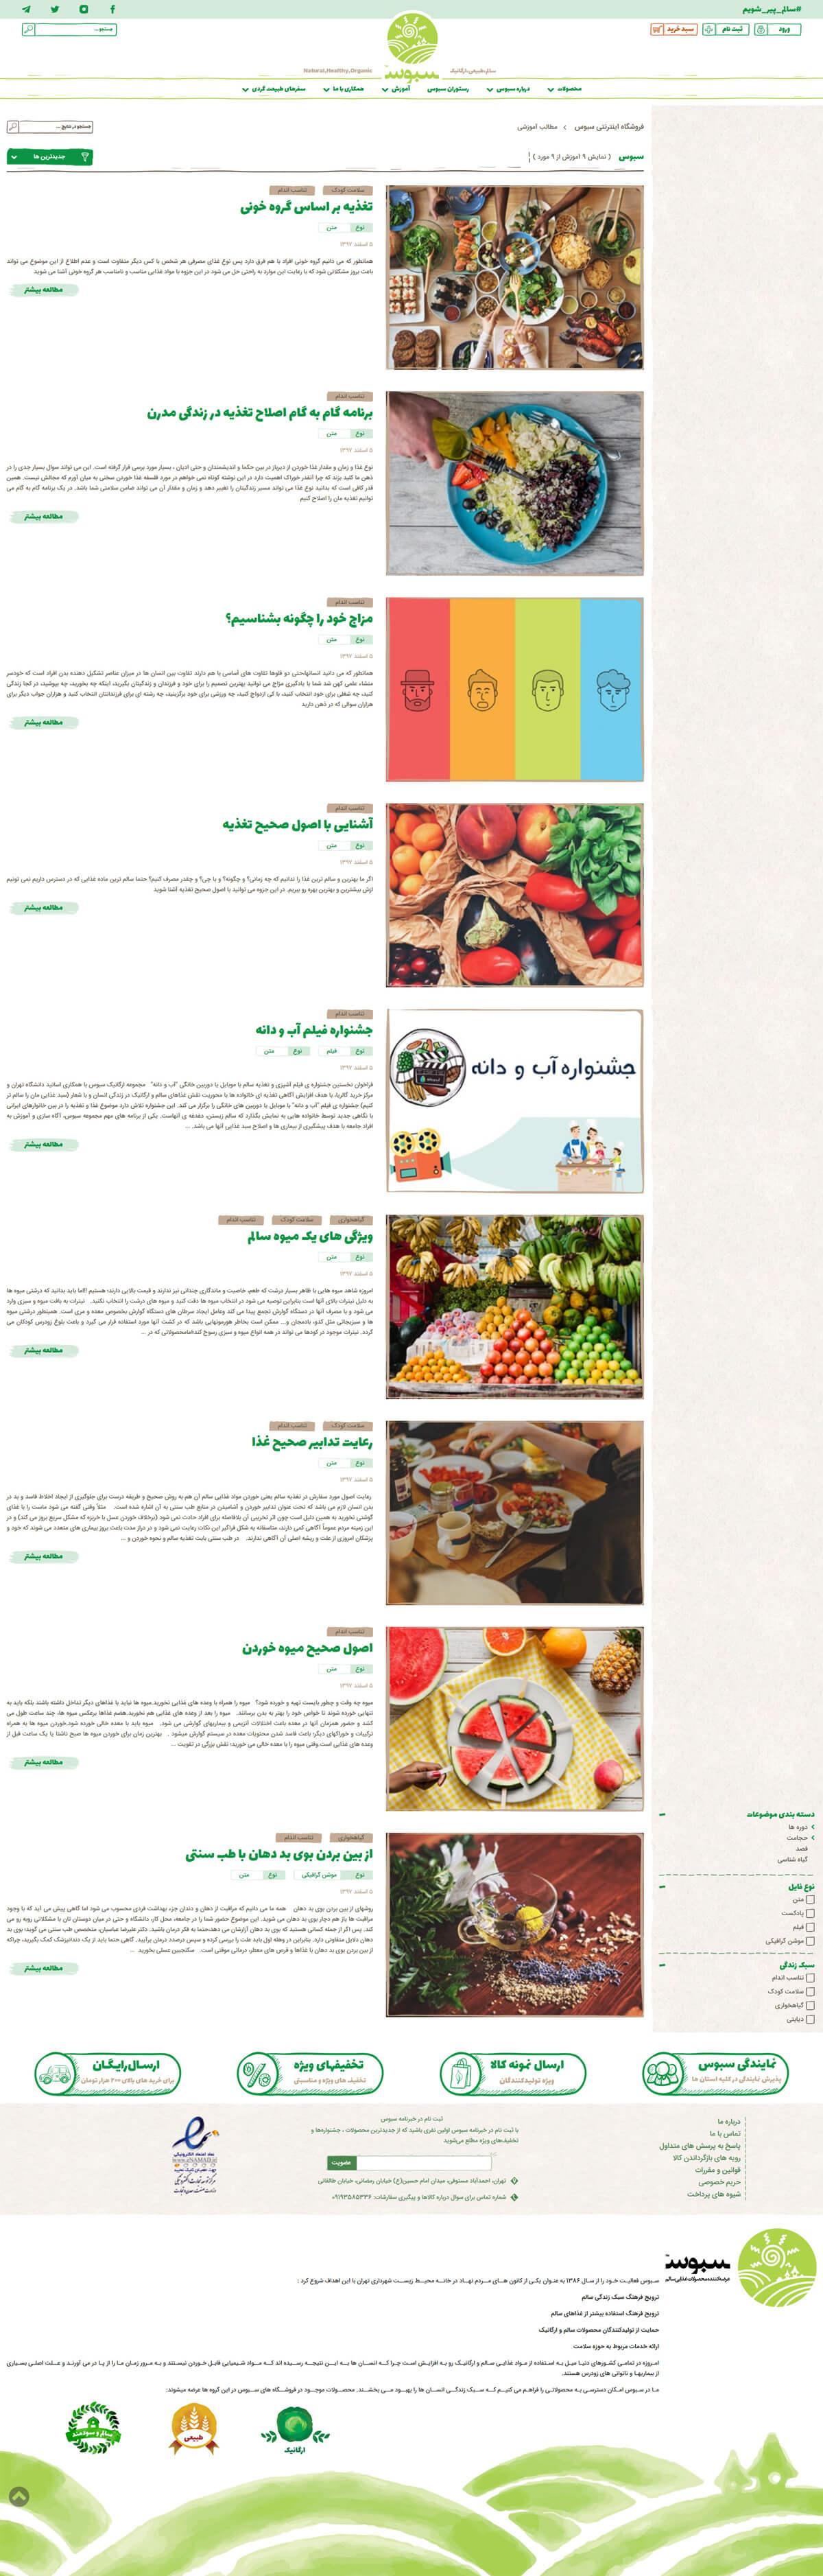 طراحی بلاگ سایت فروشگاهی سبوس